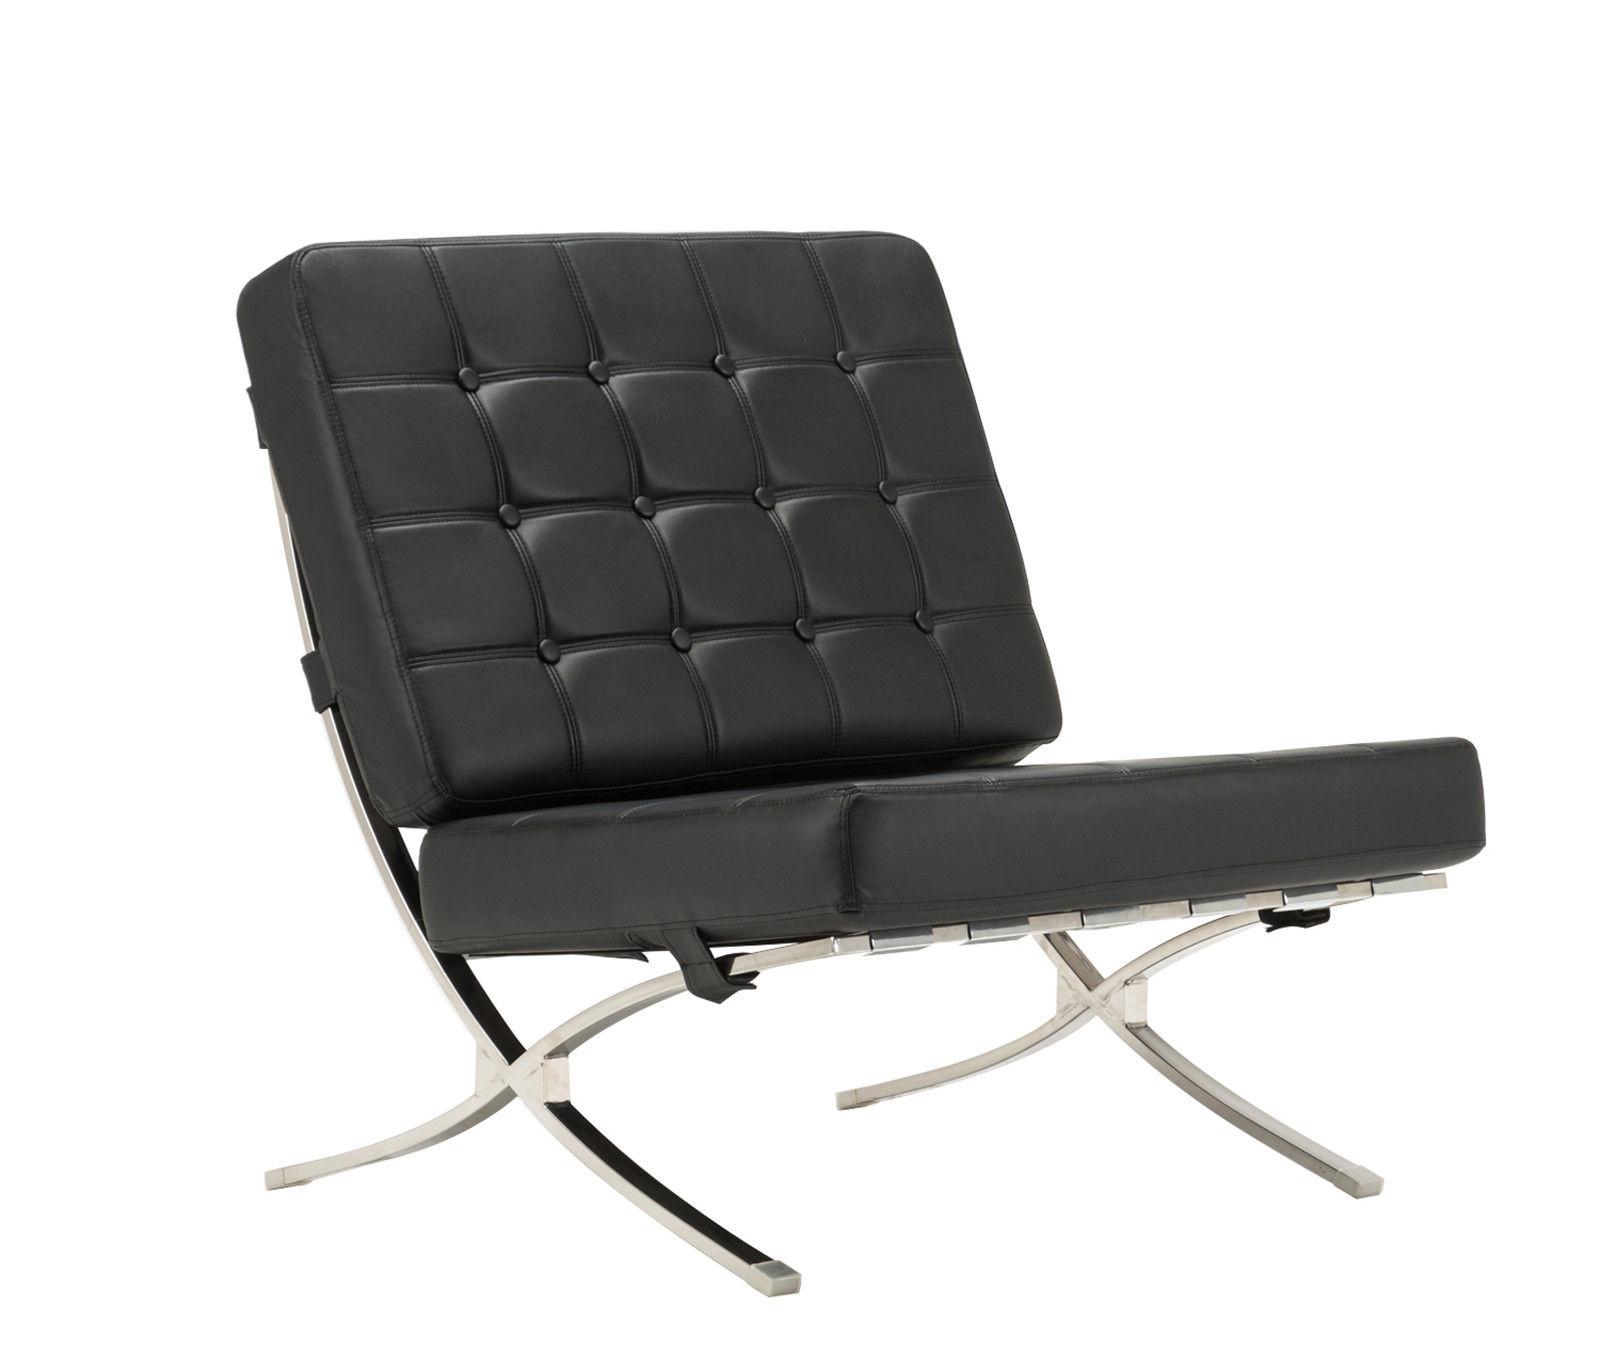 Mcombo sessel relaxsessel liegestuhl modern lounge stuhl for Relaxsessel leder modern